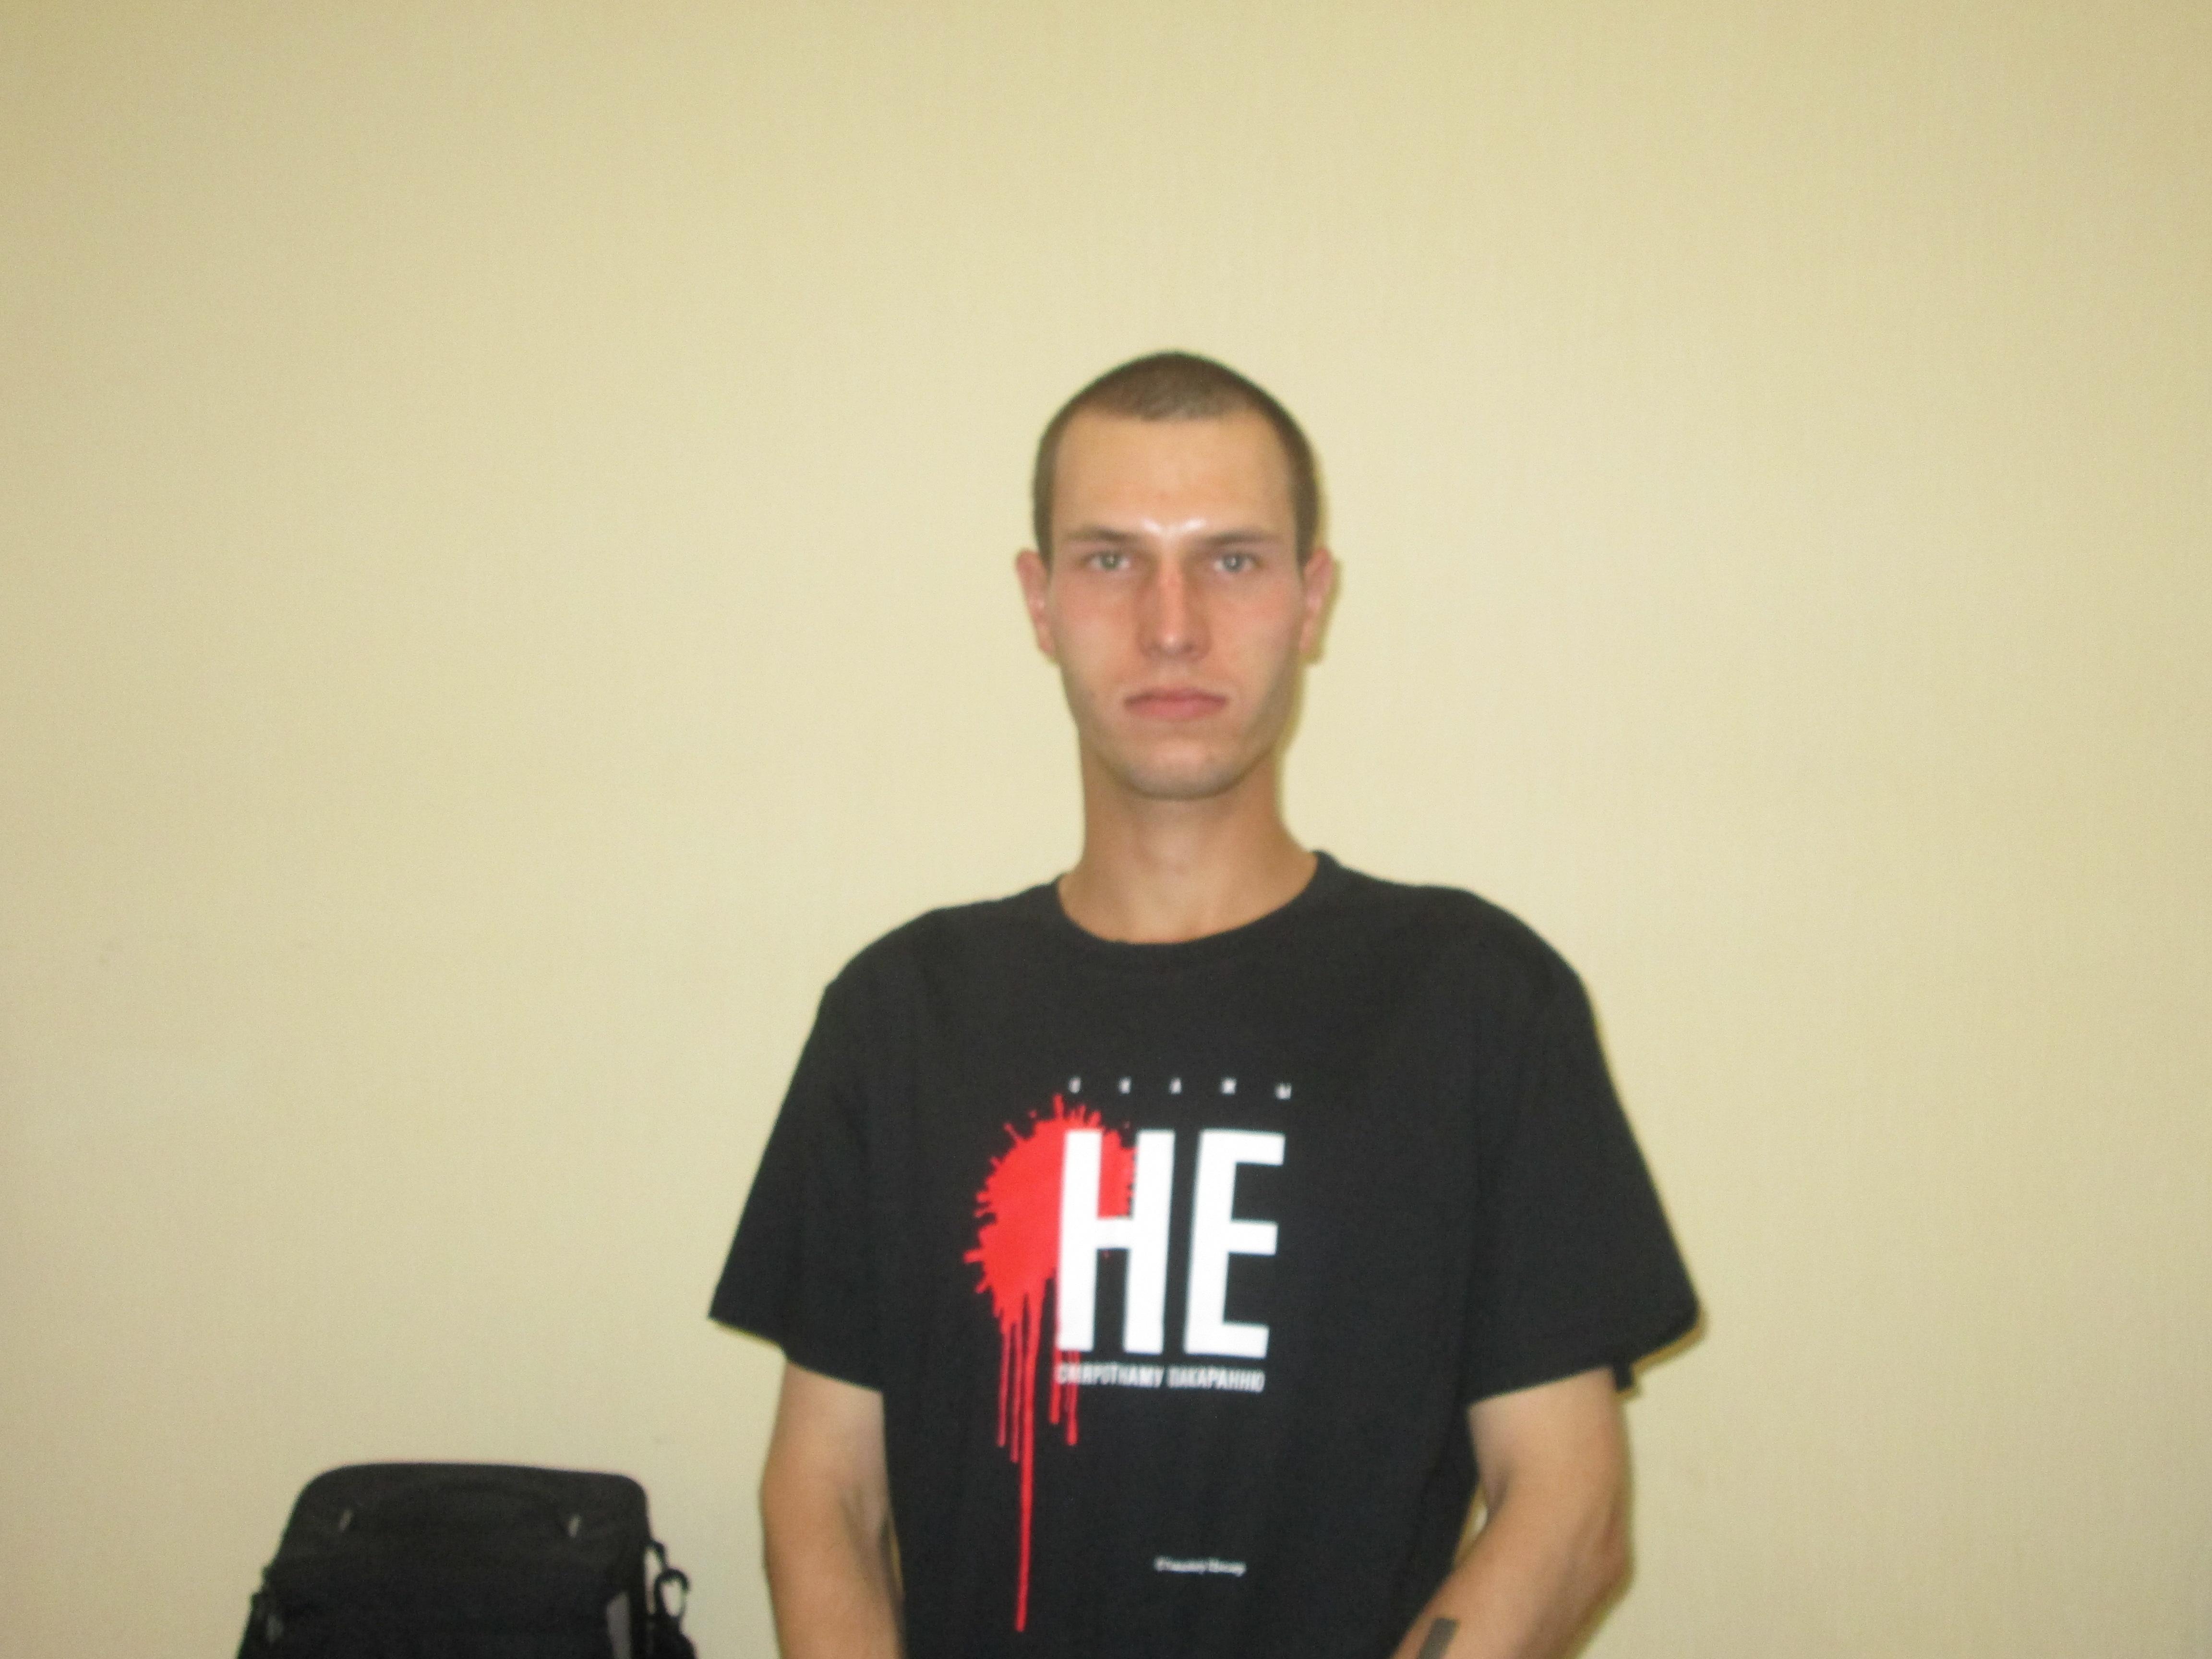 Яўген Васьковіч: Як бы хто ні лічыў, тое, што я зрабіў, не з'яўляецца гвалтам